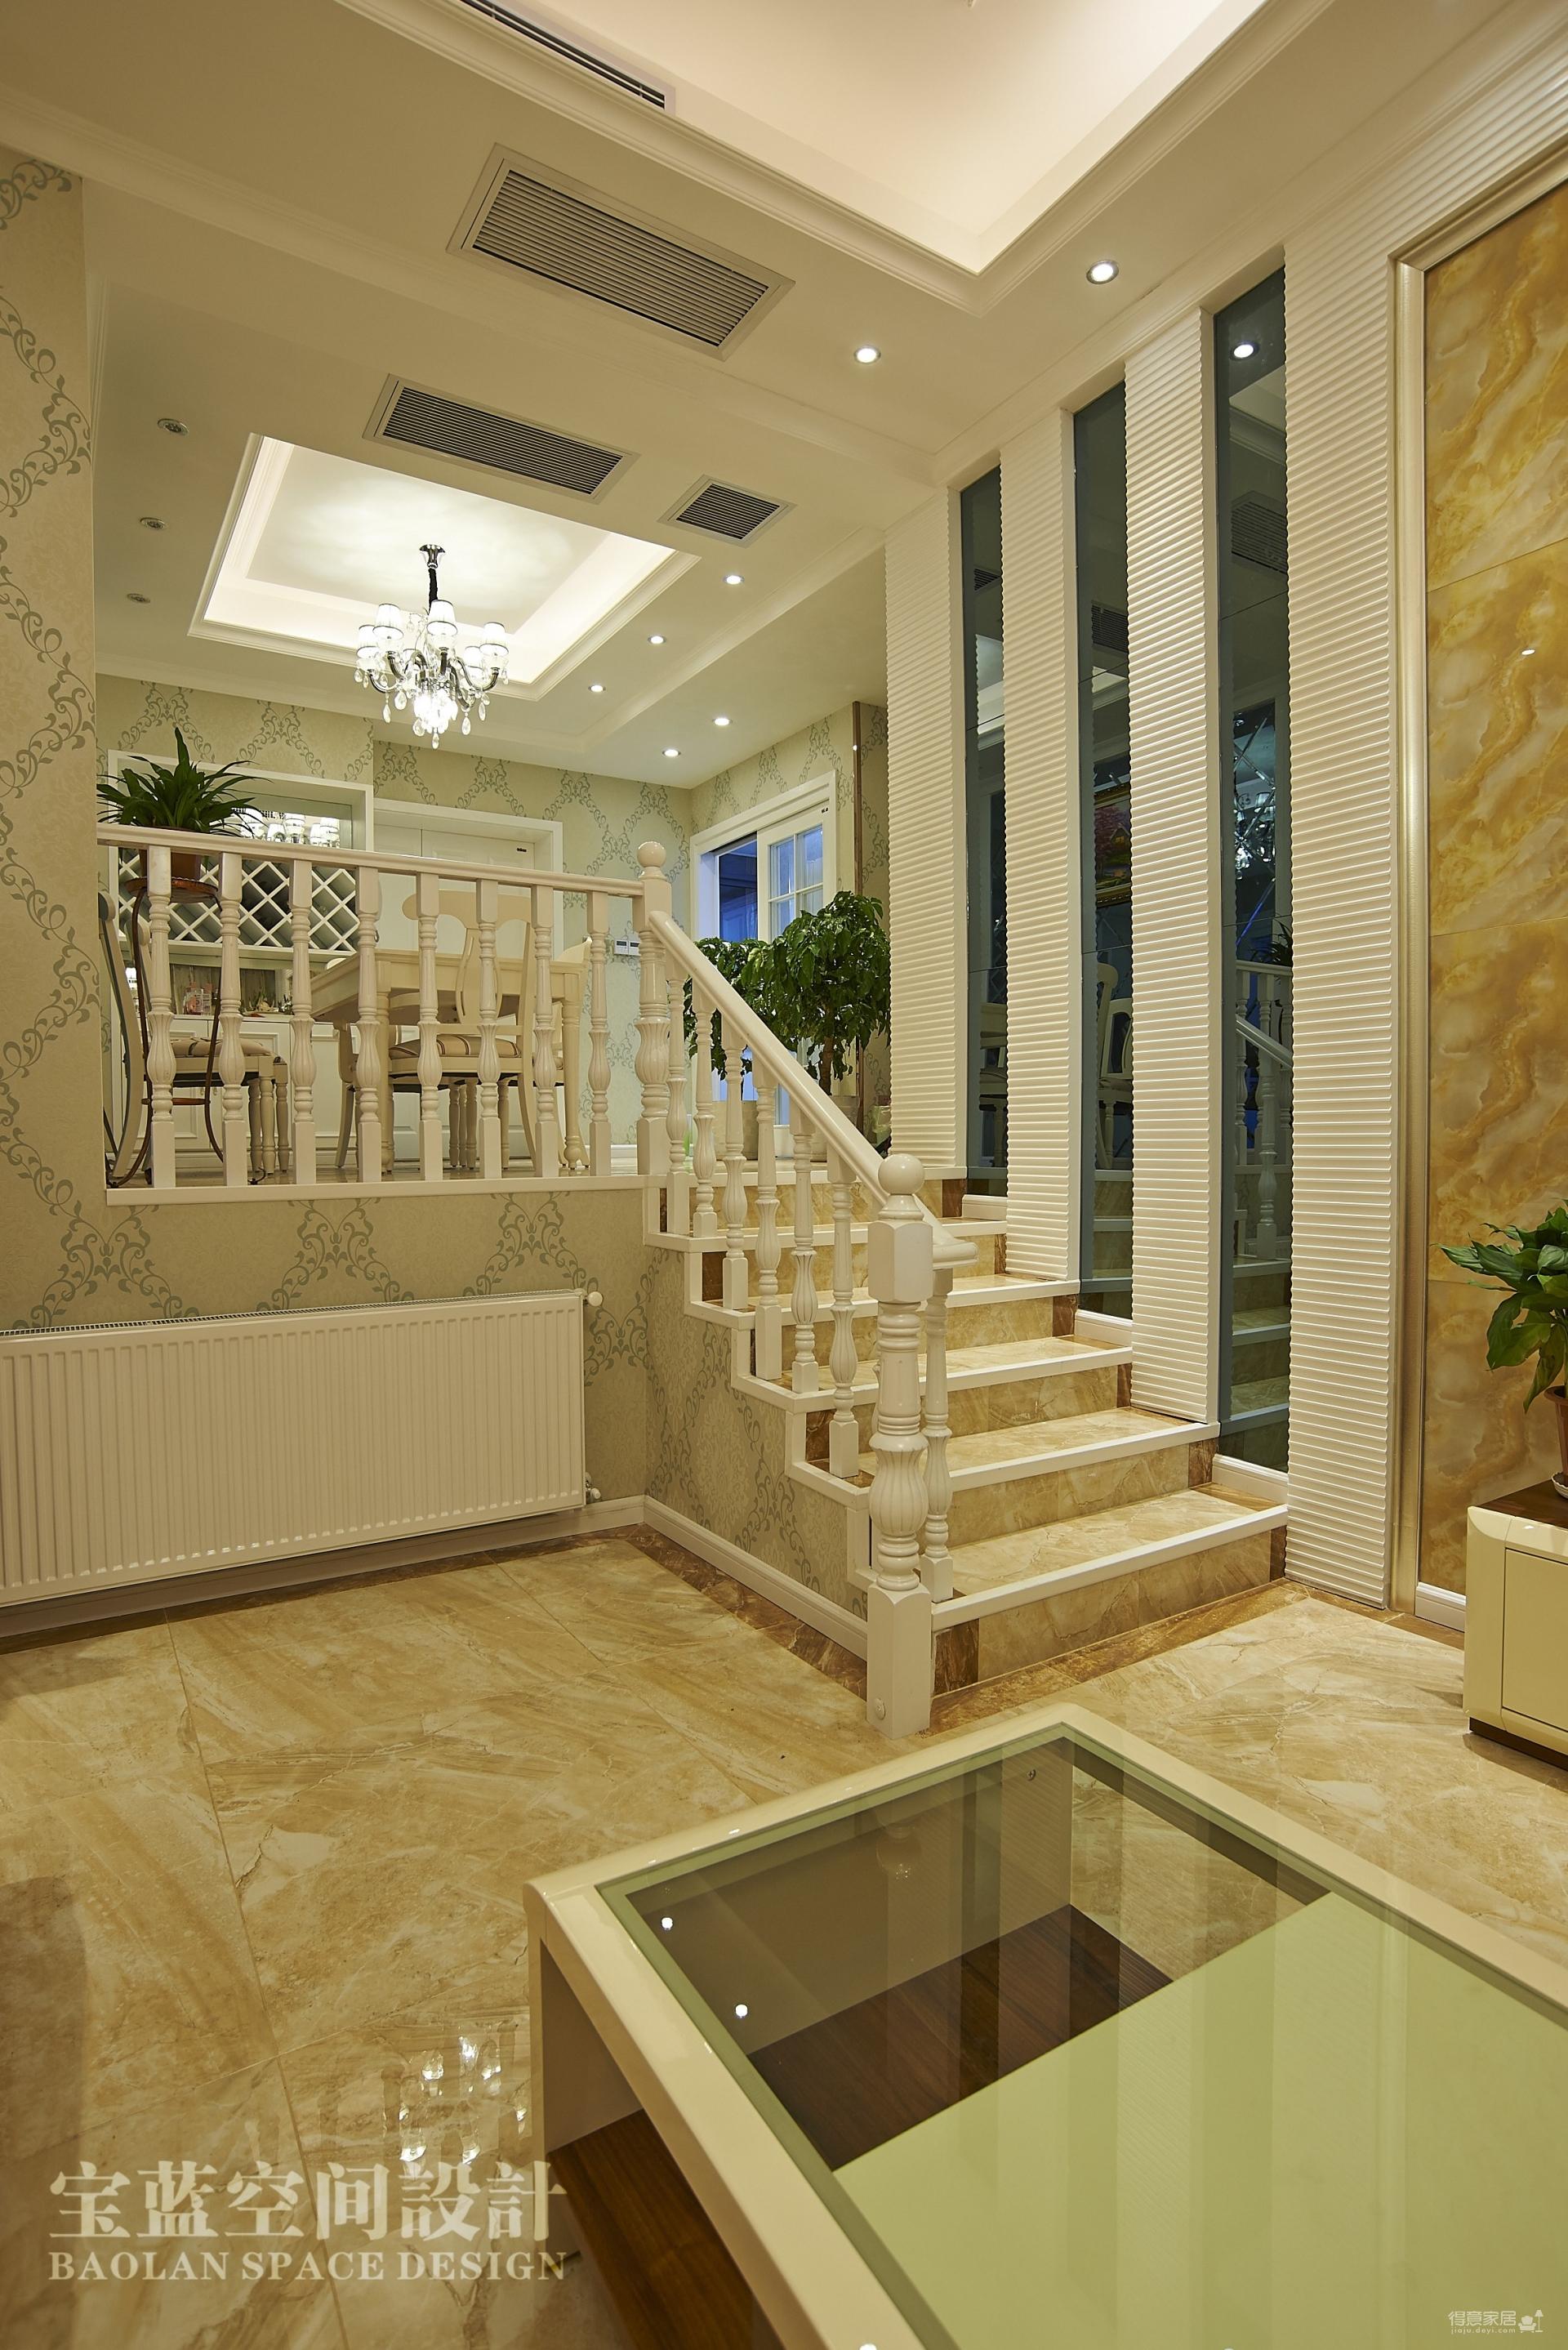 三层别墅-欧式风格-高端大气图_8